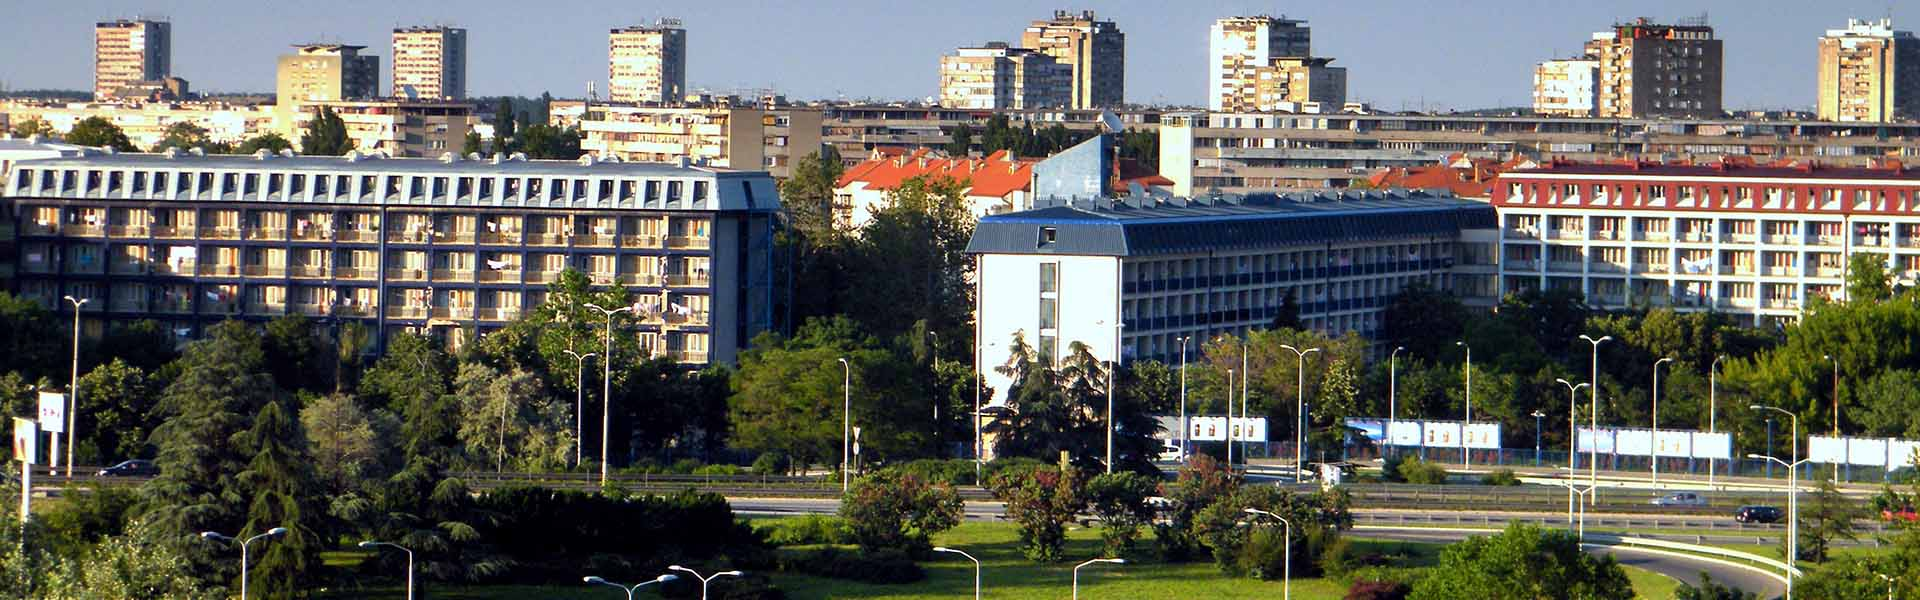 Dostava hrane Studentski grad (blok 34)  Beograd